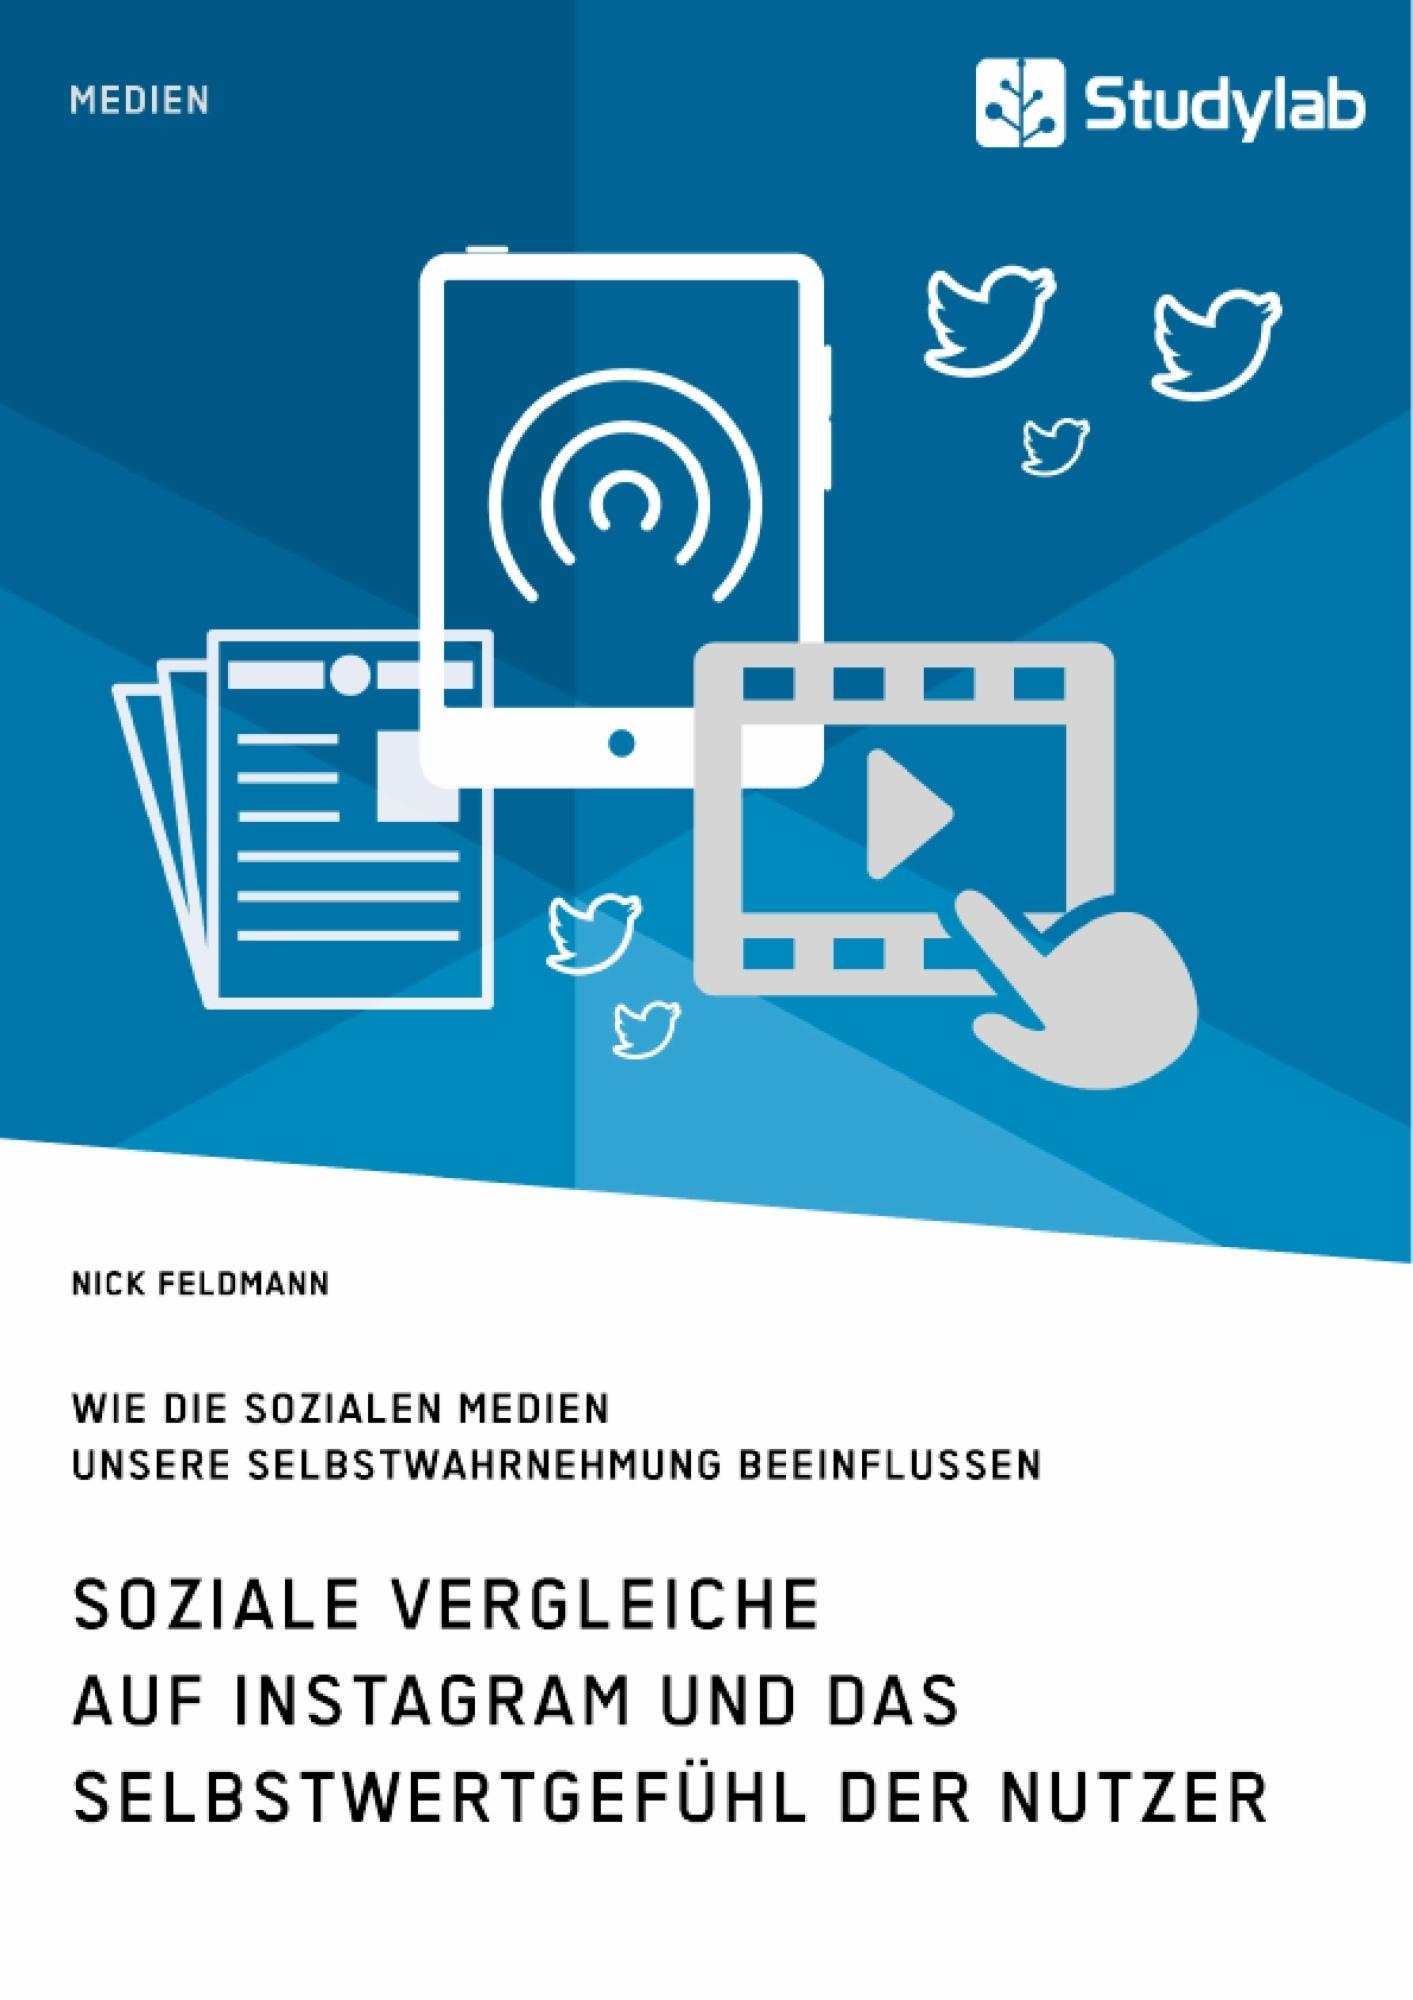 Titel: Soziale Vergleiche auf Instagram und das Selbstwertgefühl der Nutzer. Wie die sozialen Medien unsere Selbstwahrnehmung beeinflussen